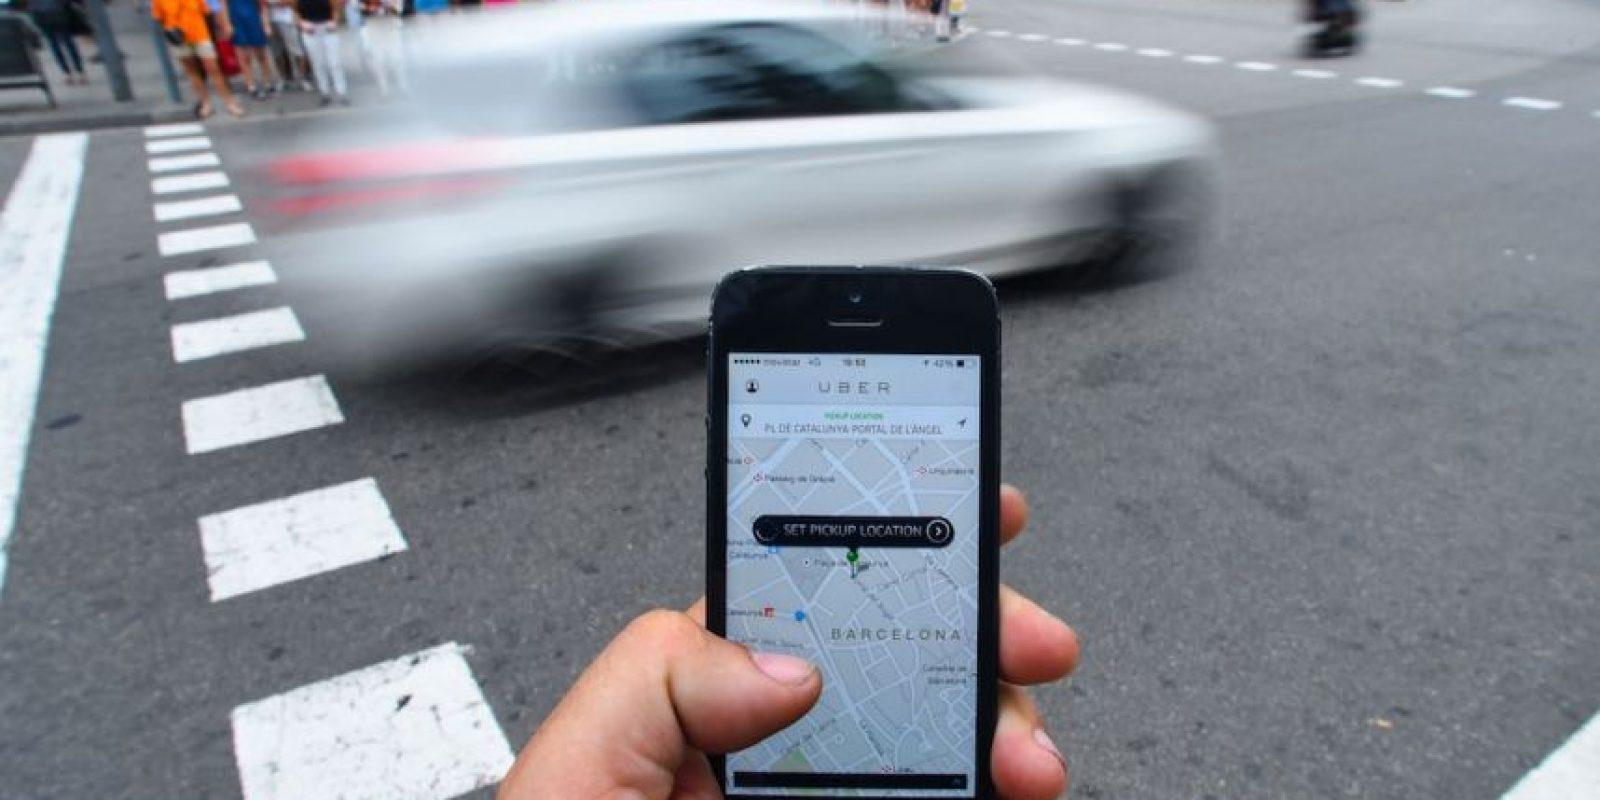 Uber utiliza multiplicadores de tarifa (1.5X sobre el precio estándar, 2X y así en adelante) para equilibrar la oferta y demanda. El sistema actualiza este multiplicador cada cinco minutos, para ajustar las tarifas de acuerdo a los últimos resultados del monitoreo. Foto:Getty Images